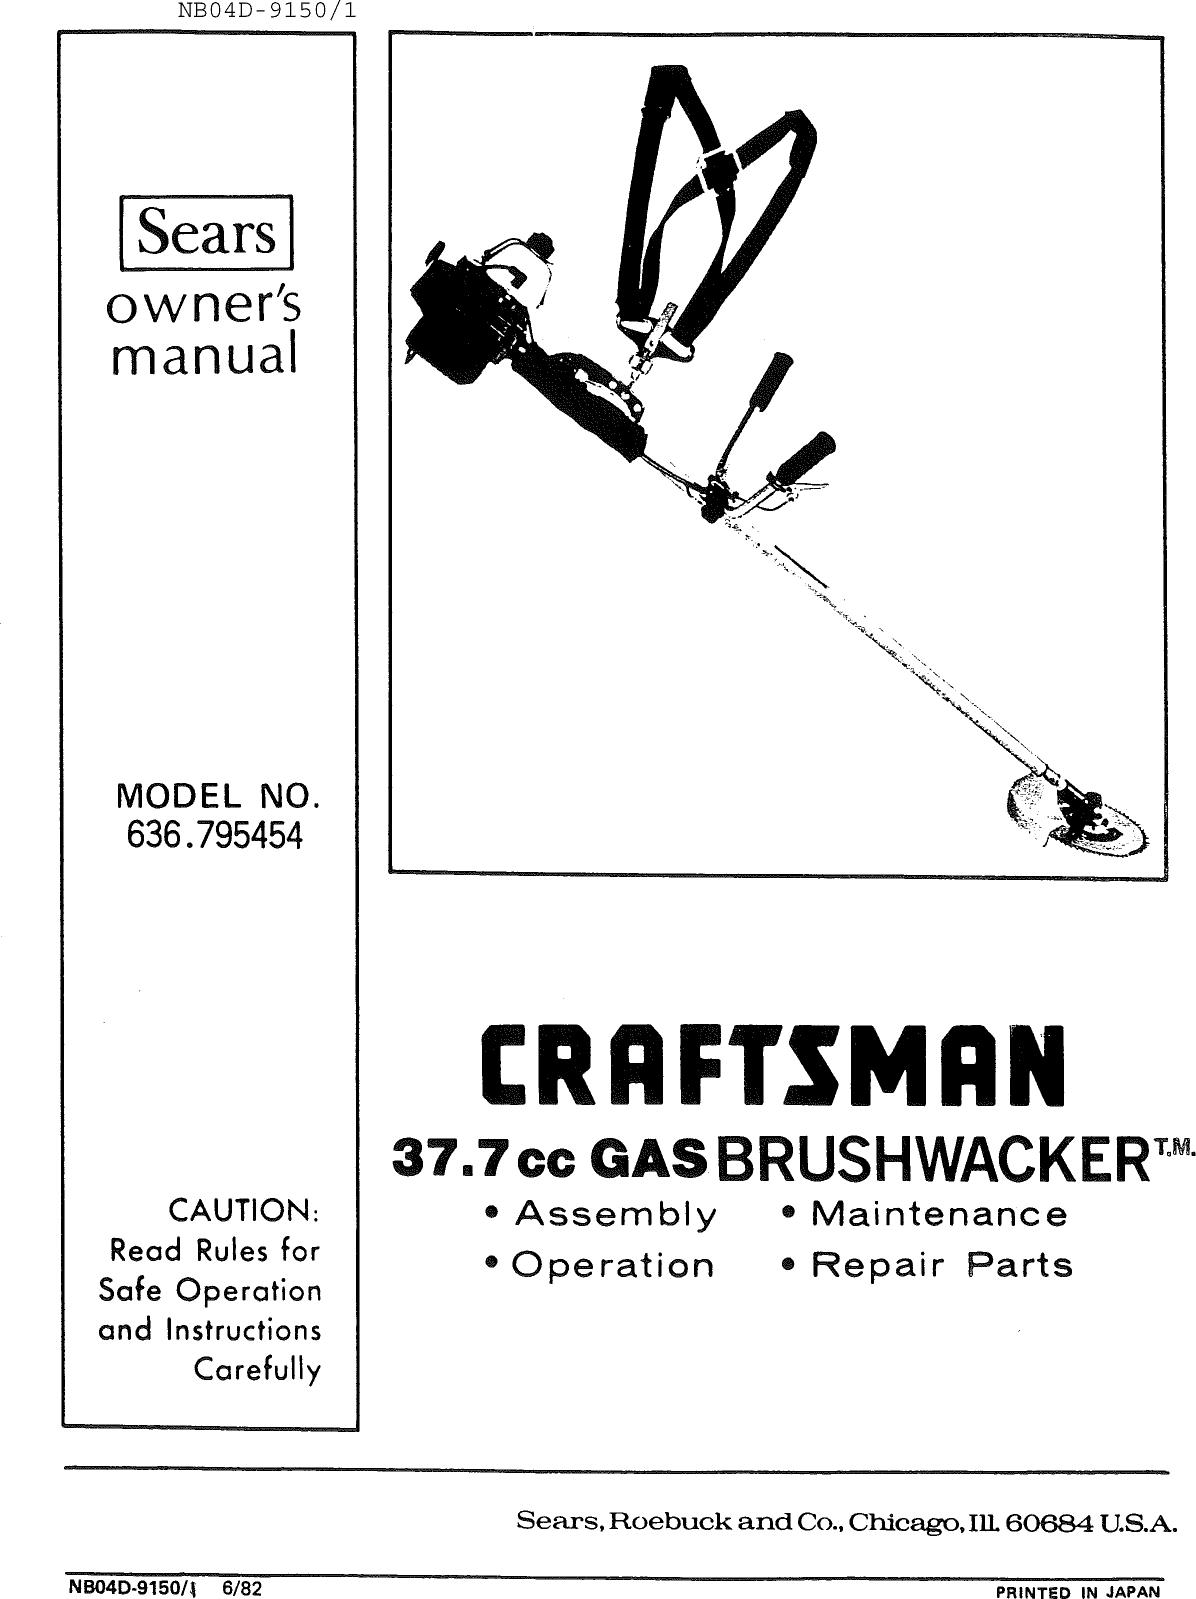 Craftsman 636795454 User Manual GAS BRUSHWACKER Manuals